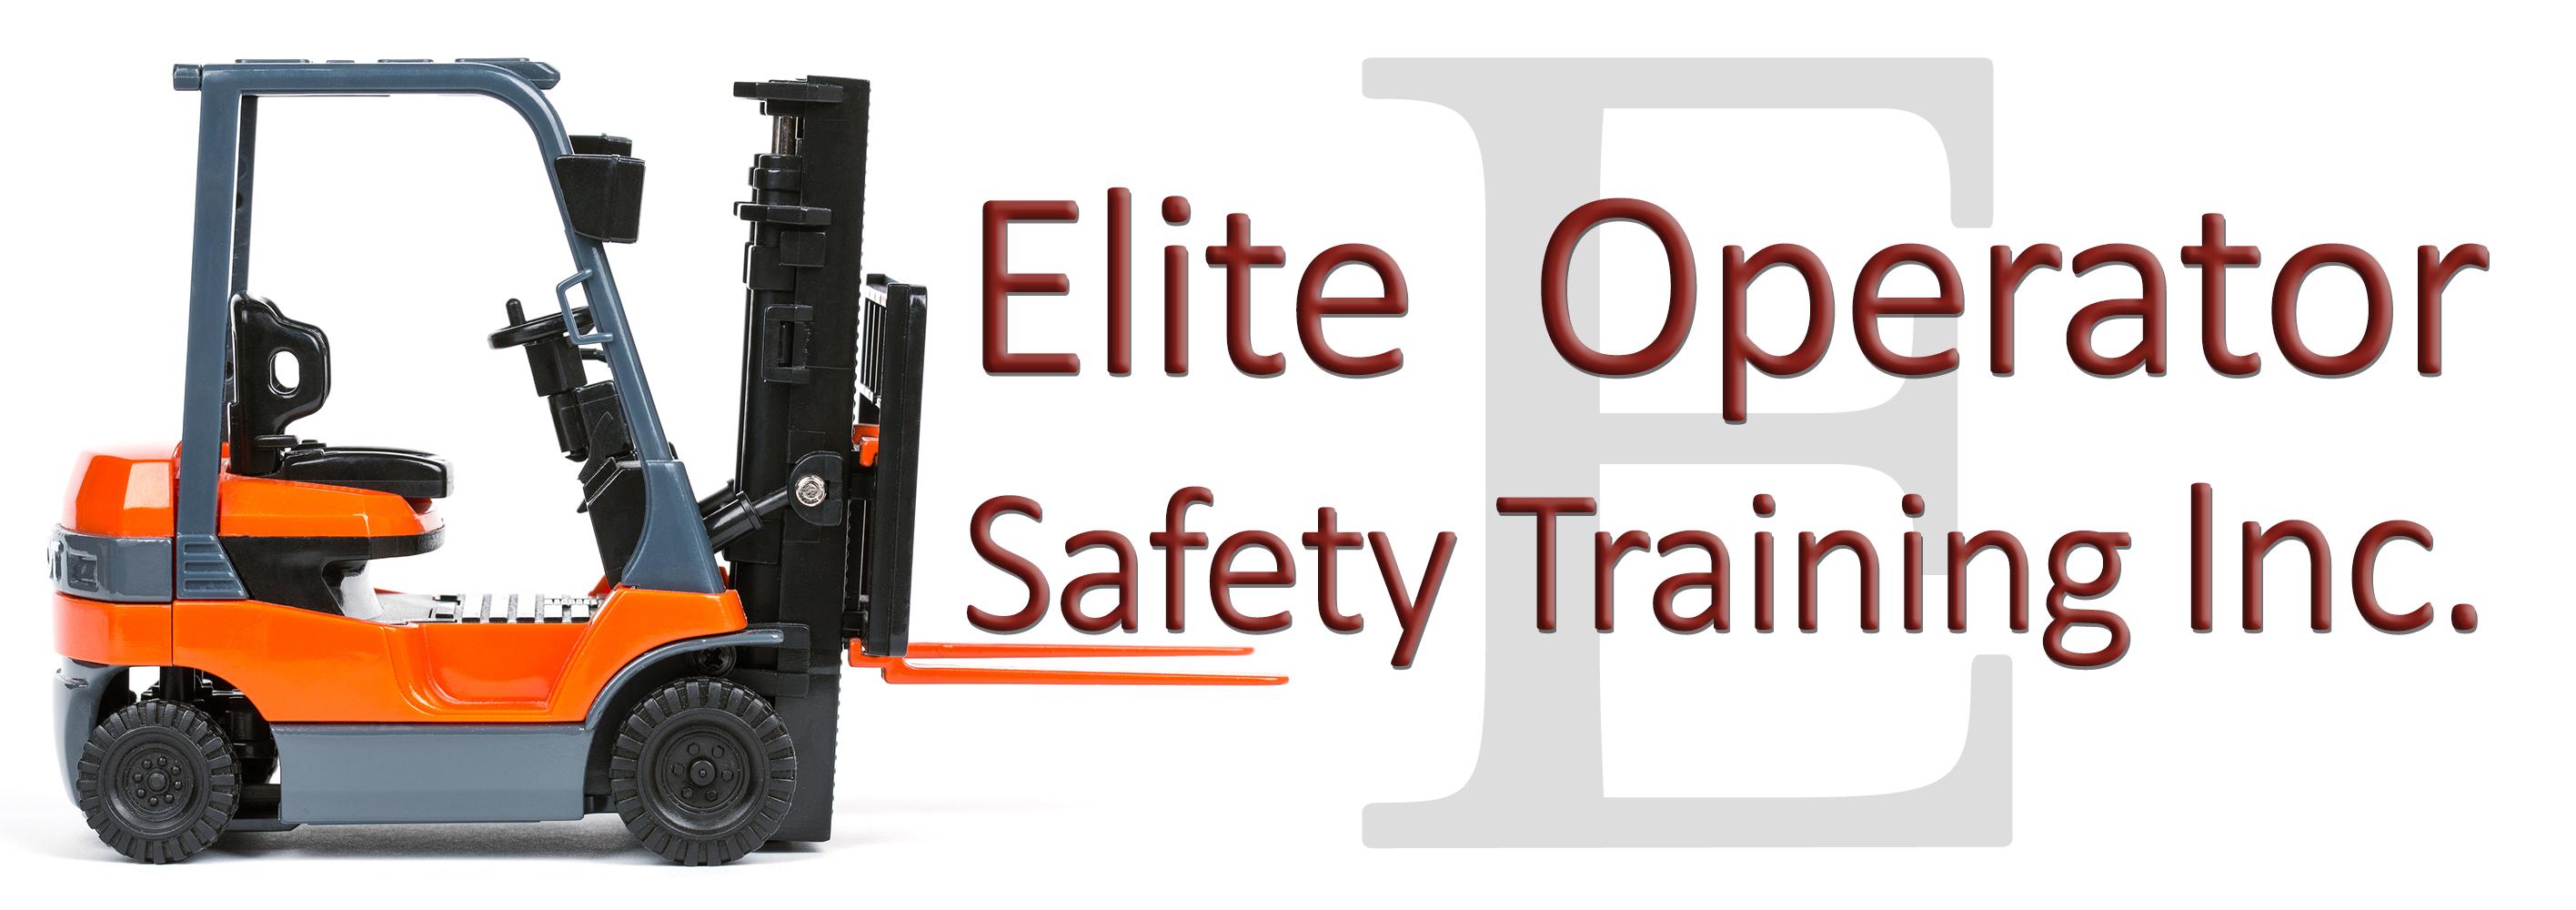 Elite Operator Safety Training Inc.